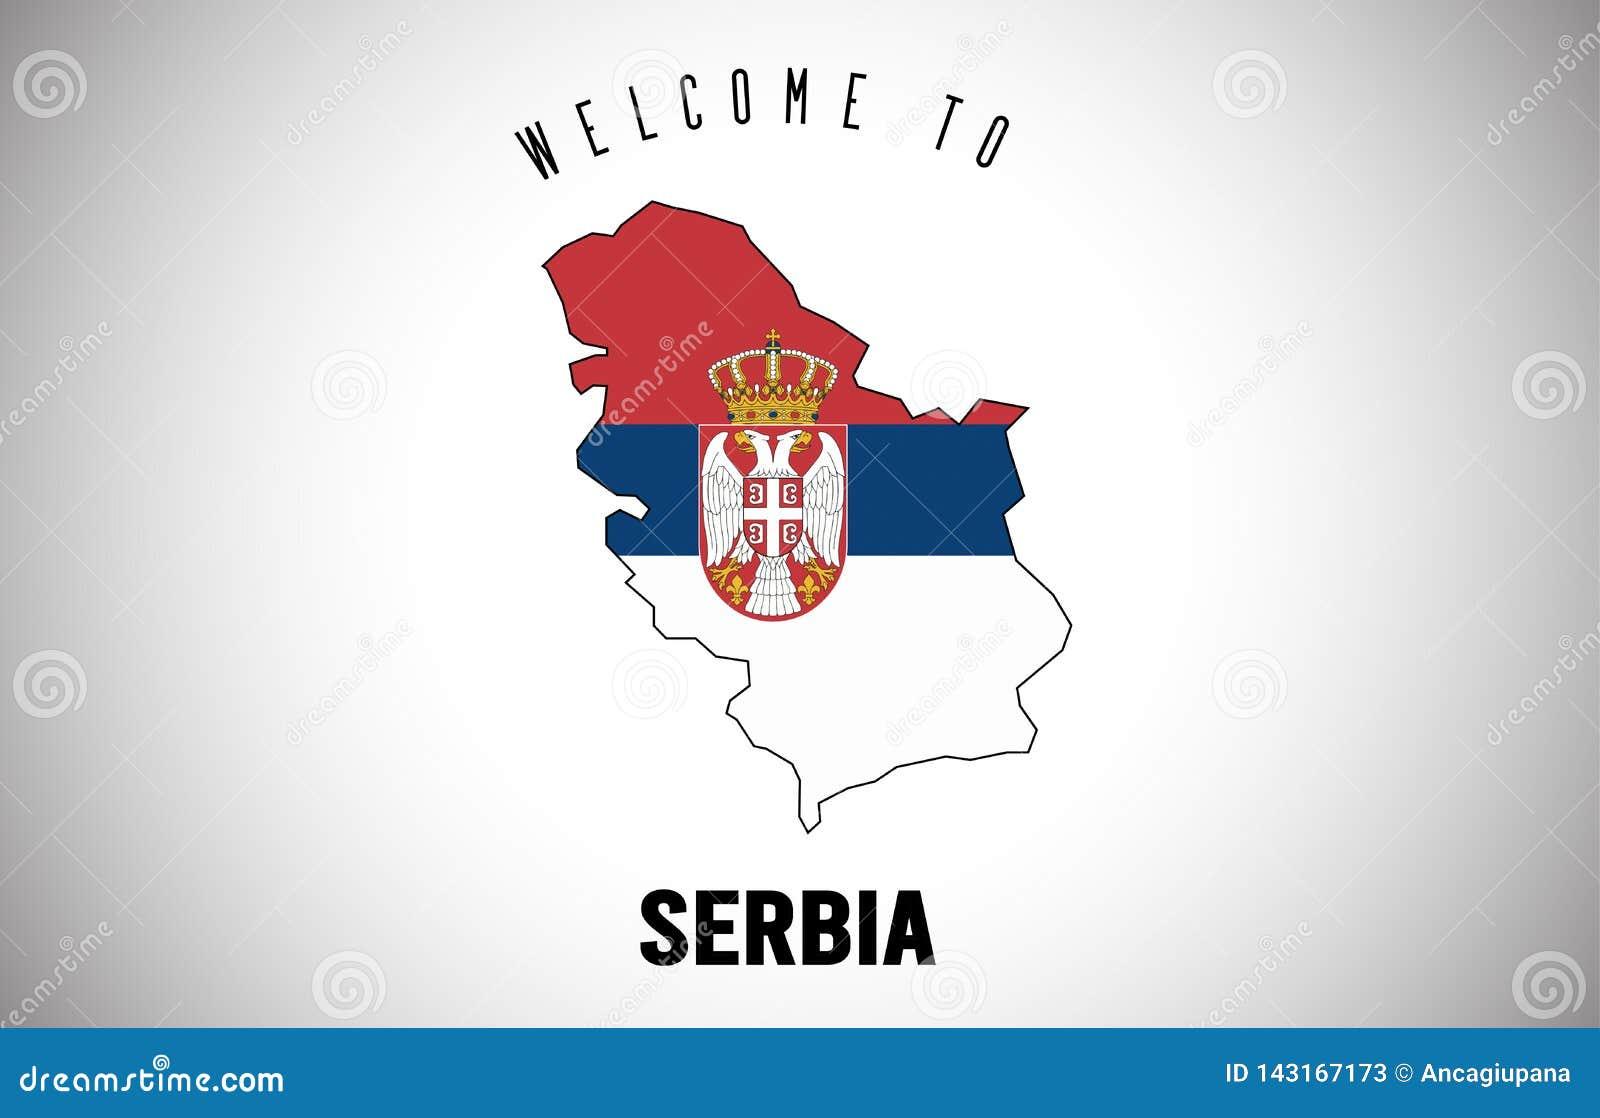 Recepción de Serbia bandera a mandar un SMS y de país dentro del diseño del vector del mapa de la frontera del país